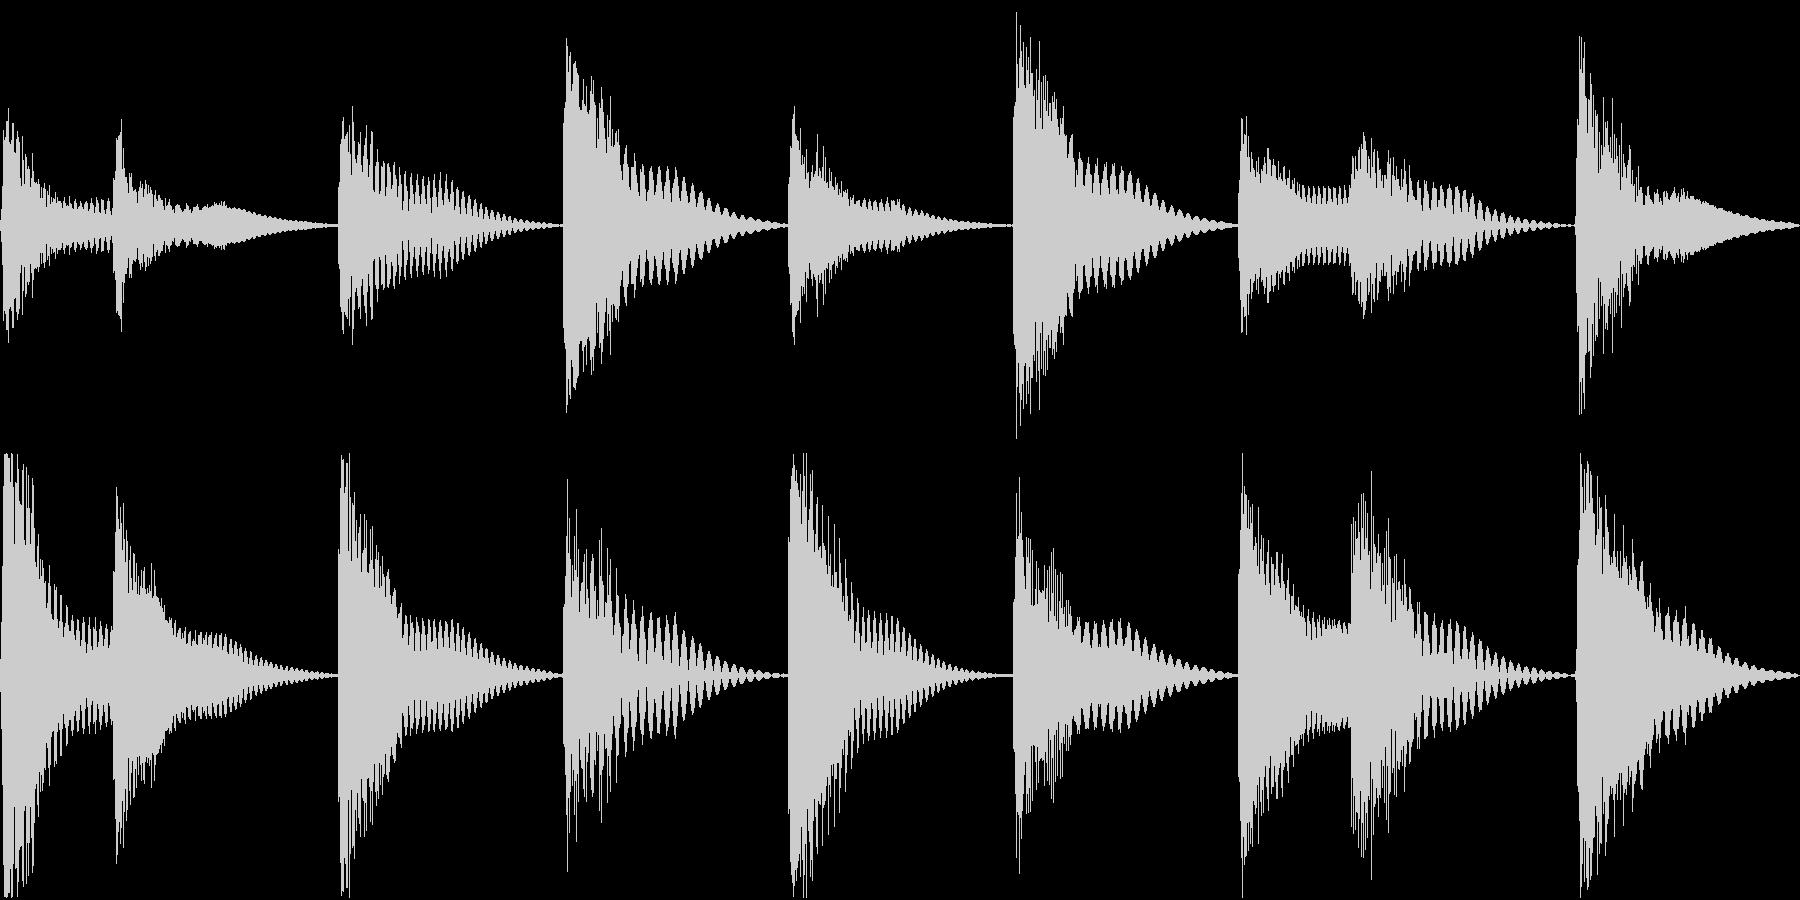 着信音 ループ お知らせ 通知 海 5の未再生の波形